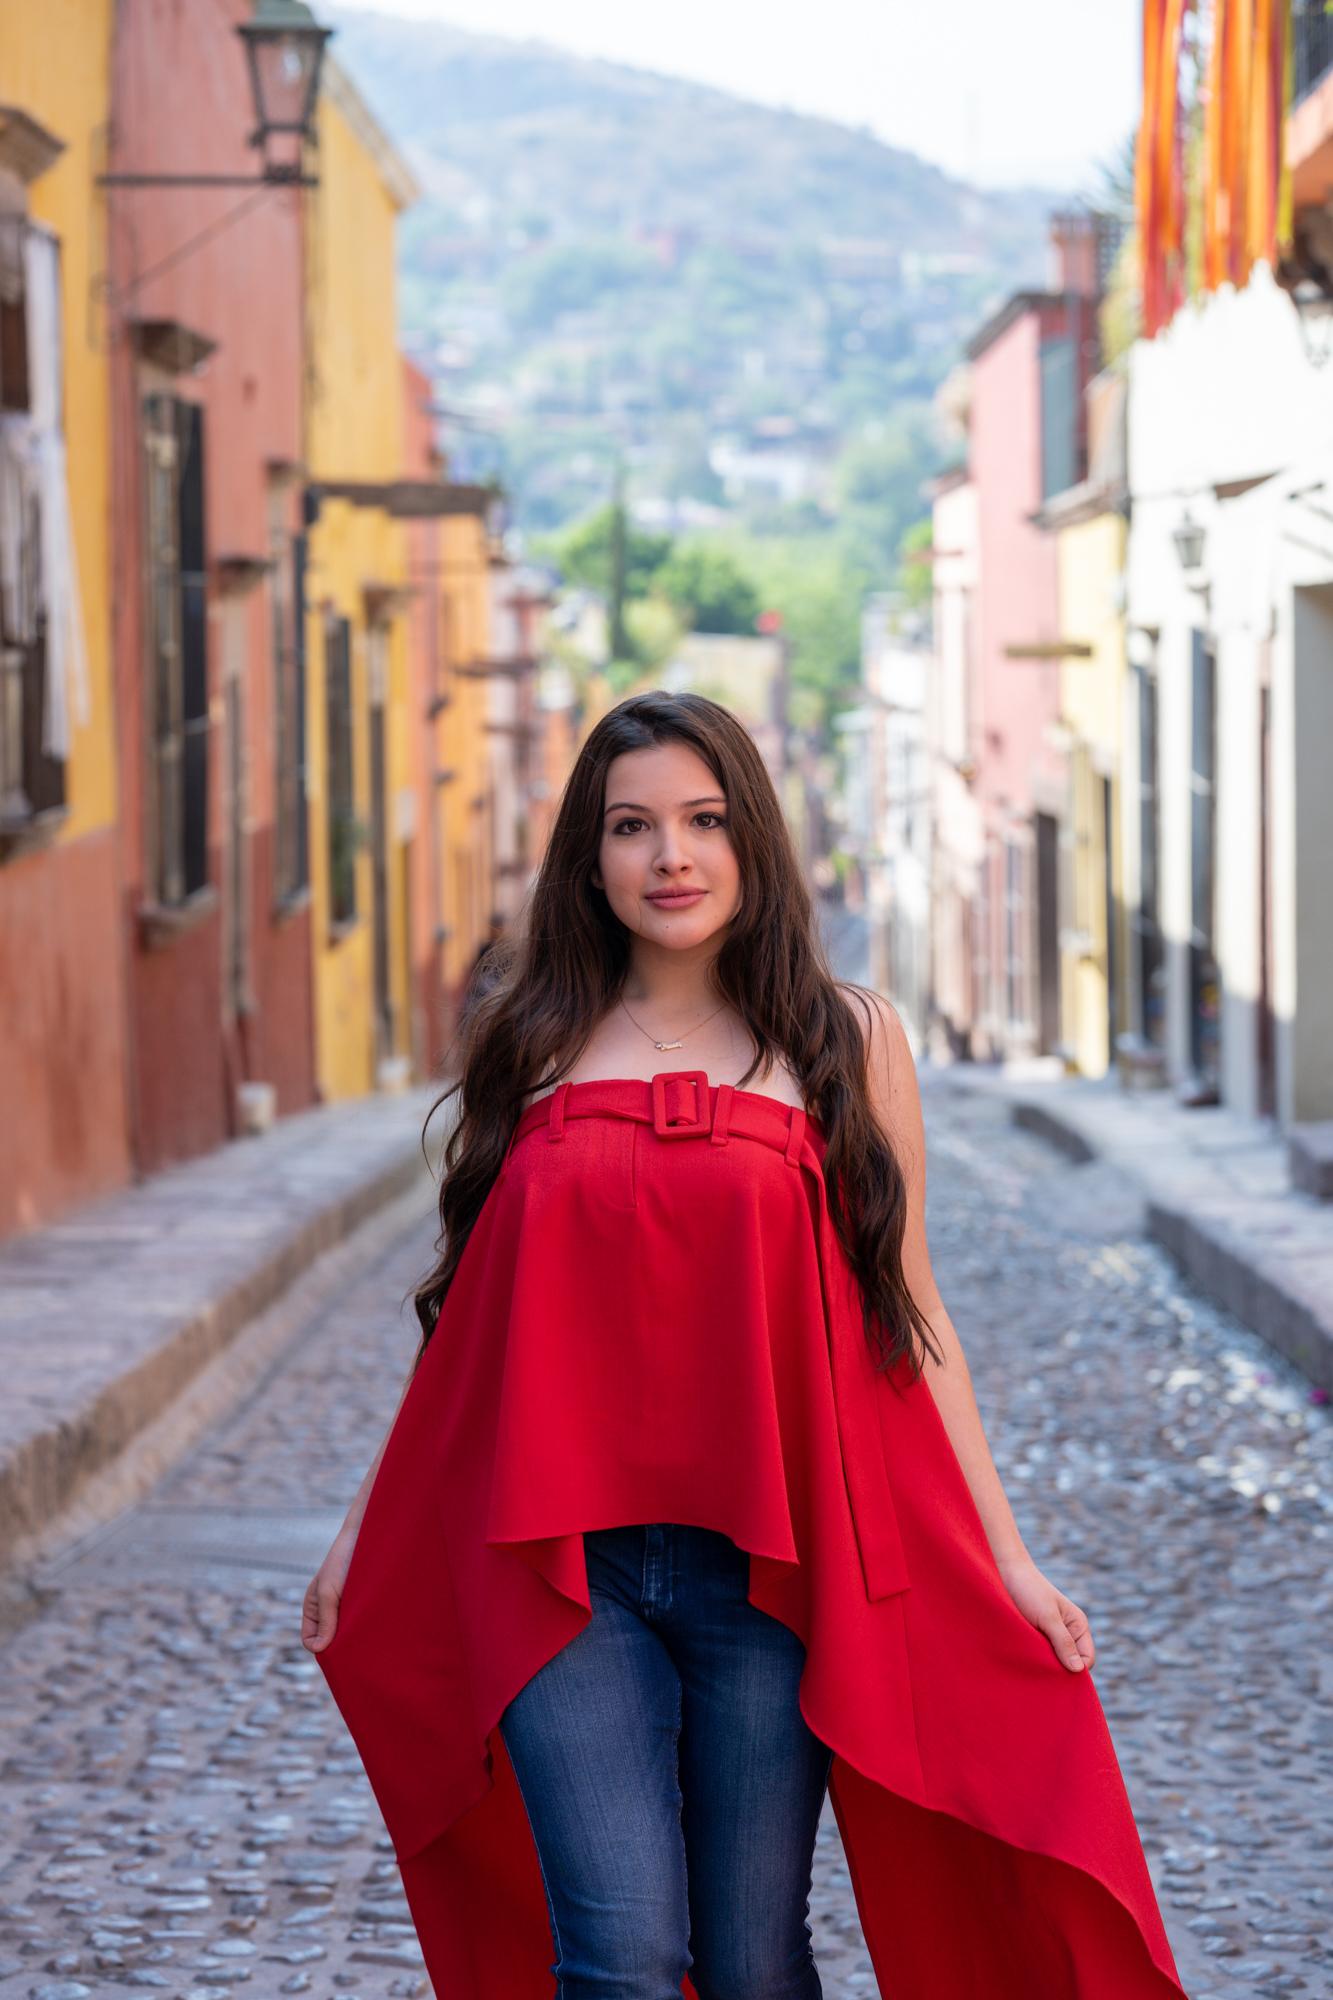 Sesion de Fotos en San Miguel de Allende con Rogelio y su Fmailia-4.jpg